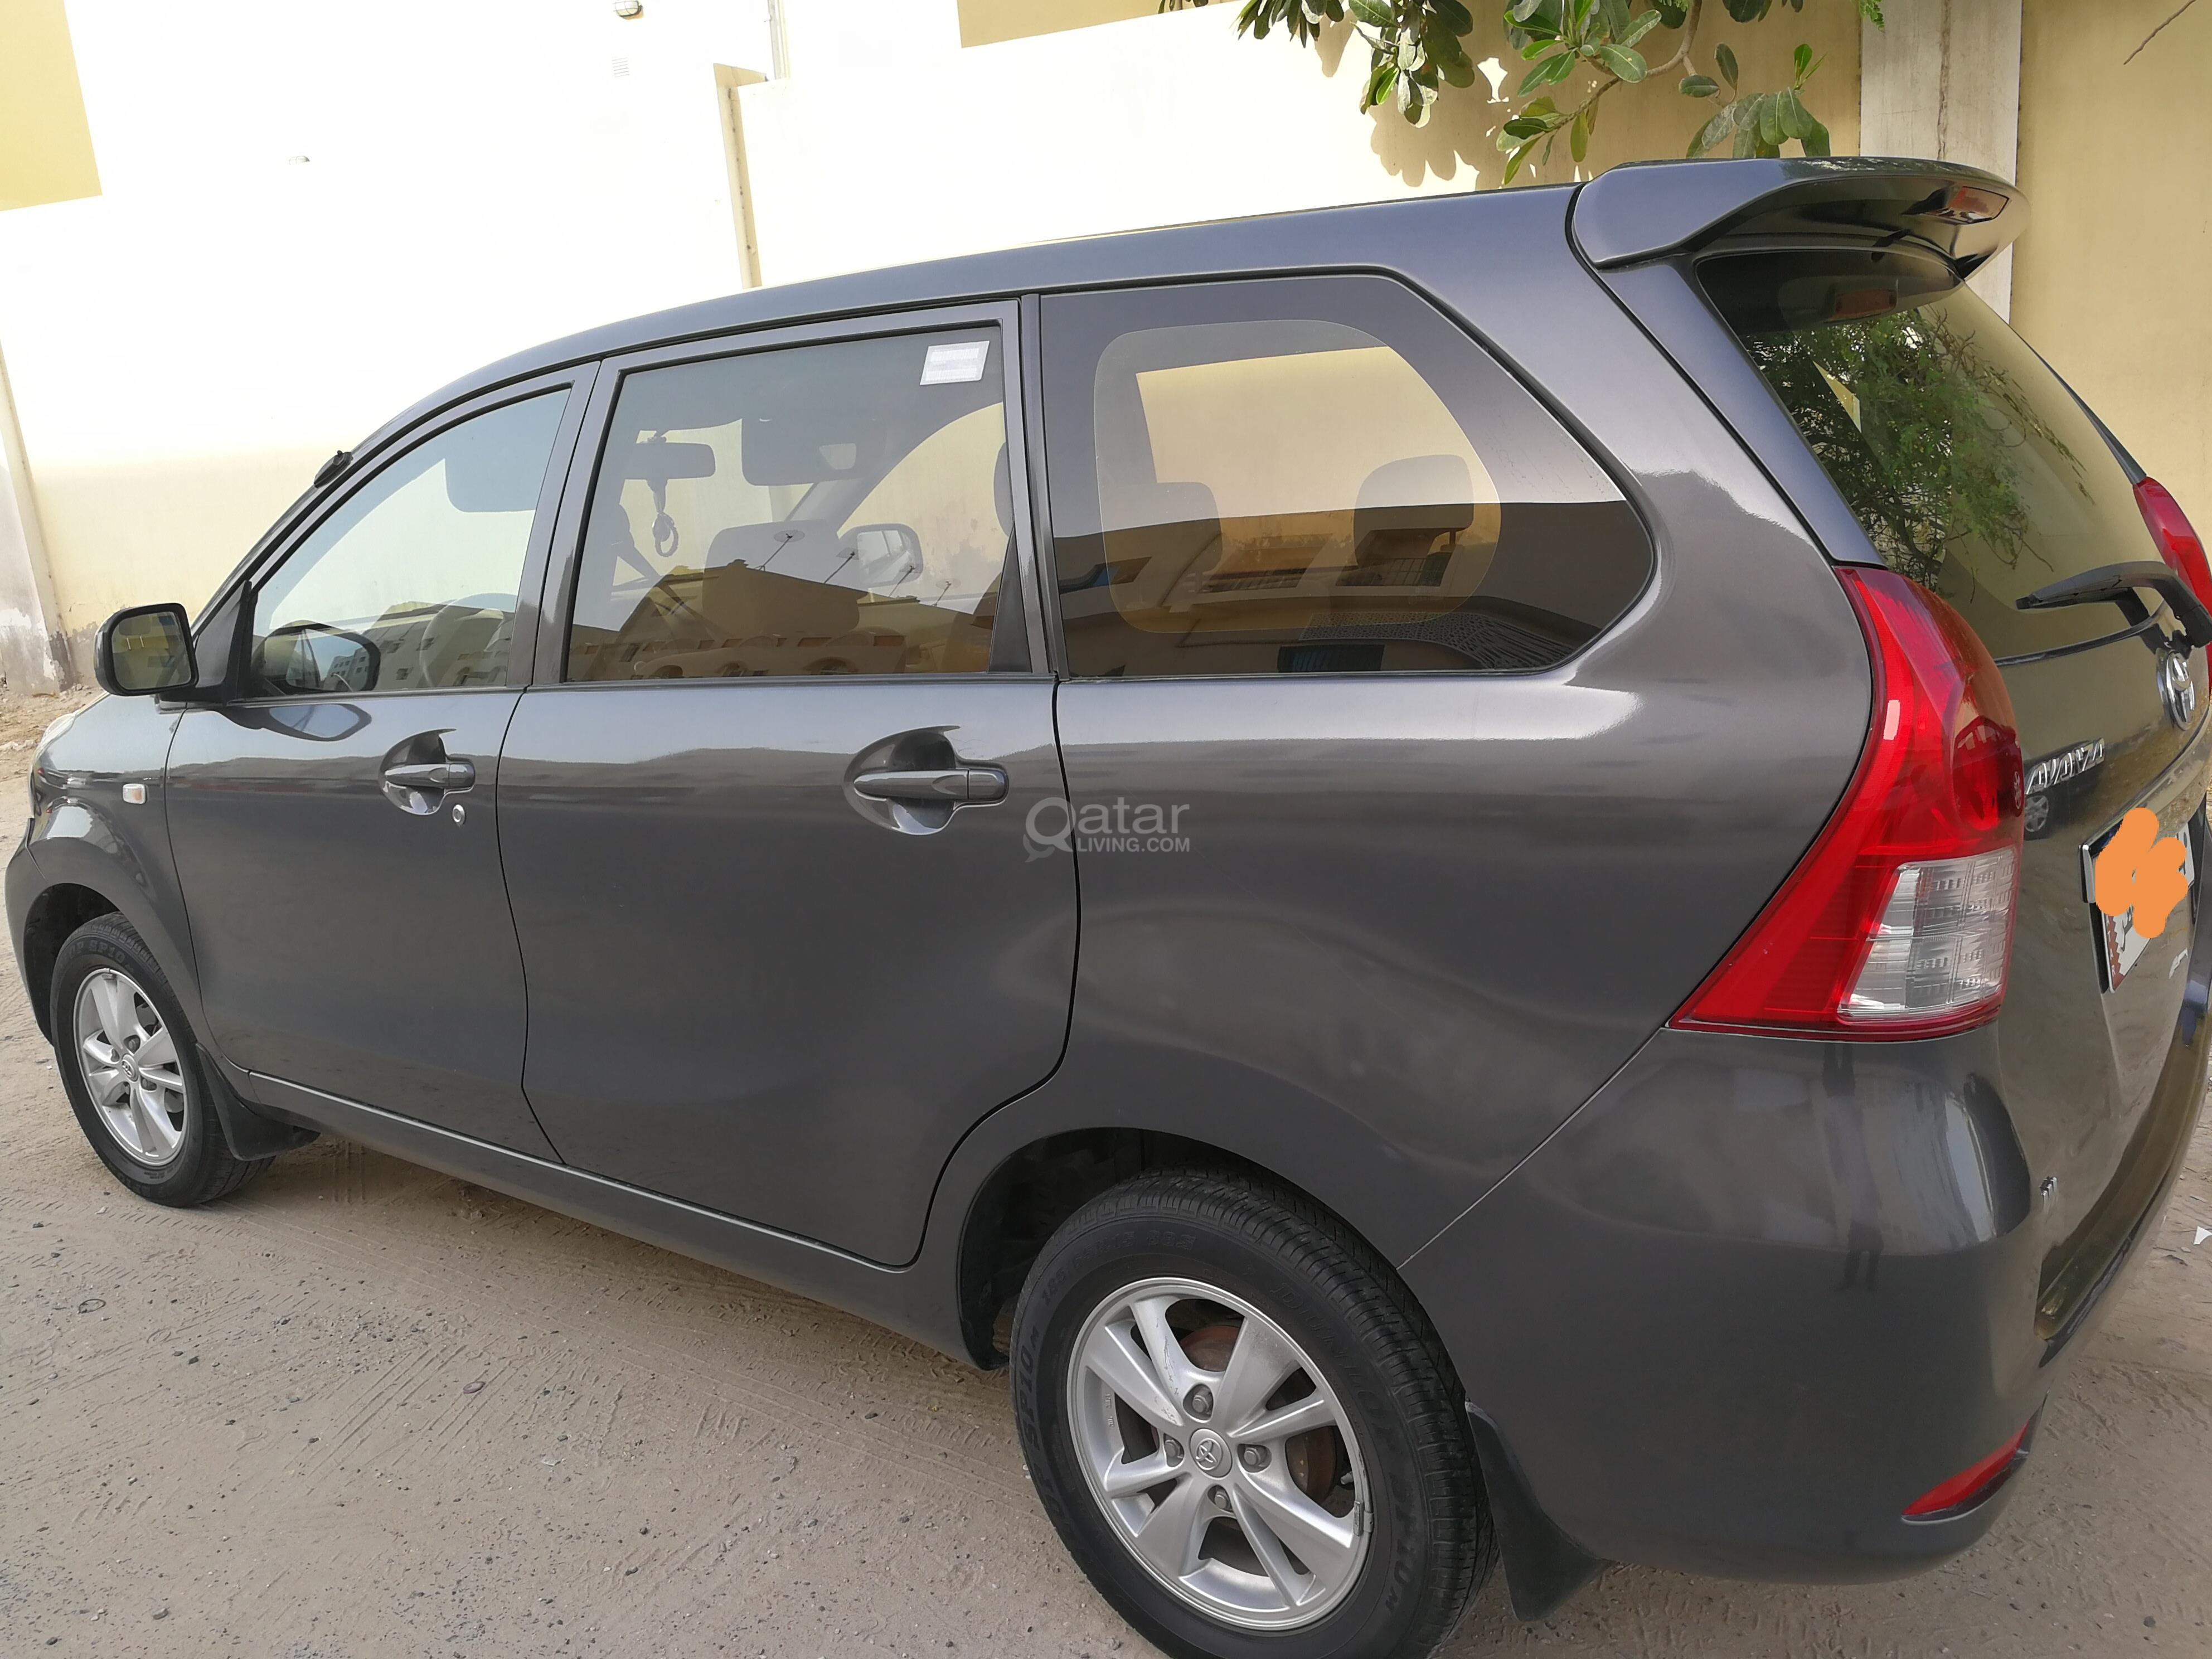 Kelebihan Kekurangan Toyota Avanza 2015 Harga